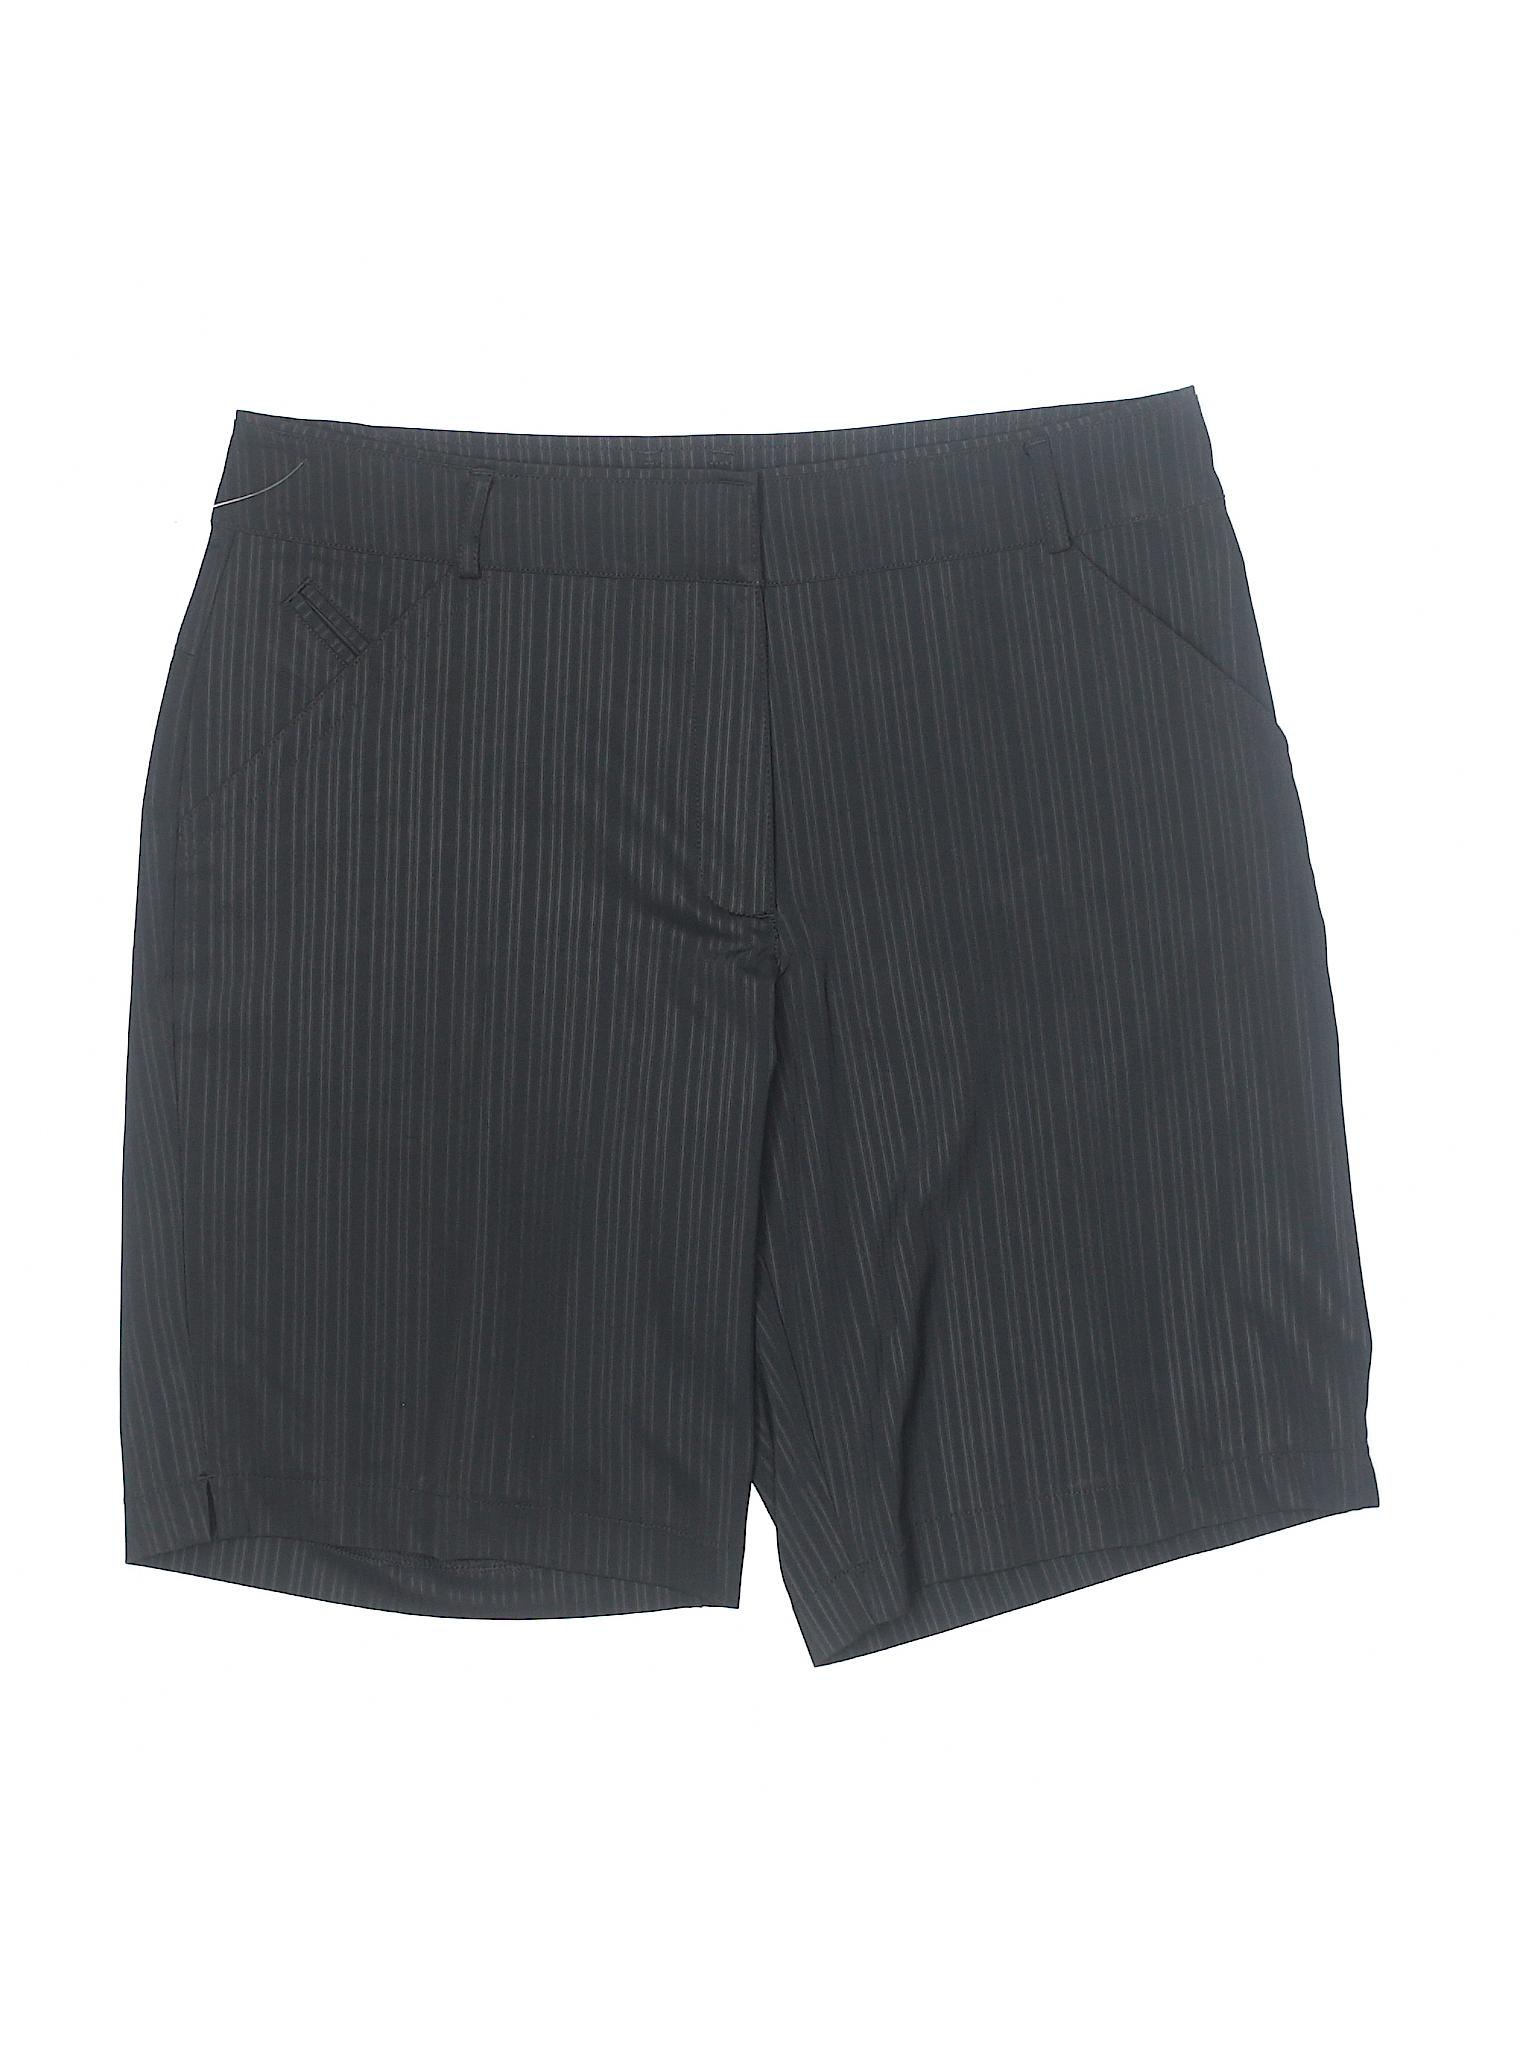 Boutique Boutique Nike Shorts Shorts Nike Athletic Boutique Athletic Nike Athletic T6Trq